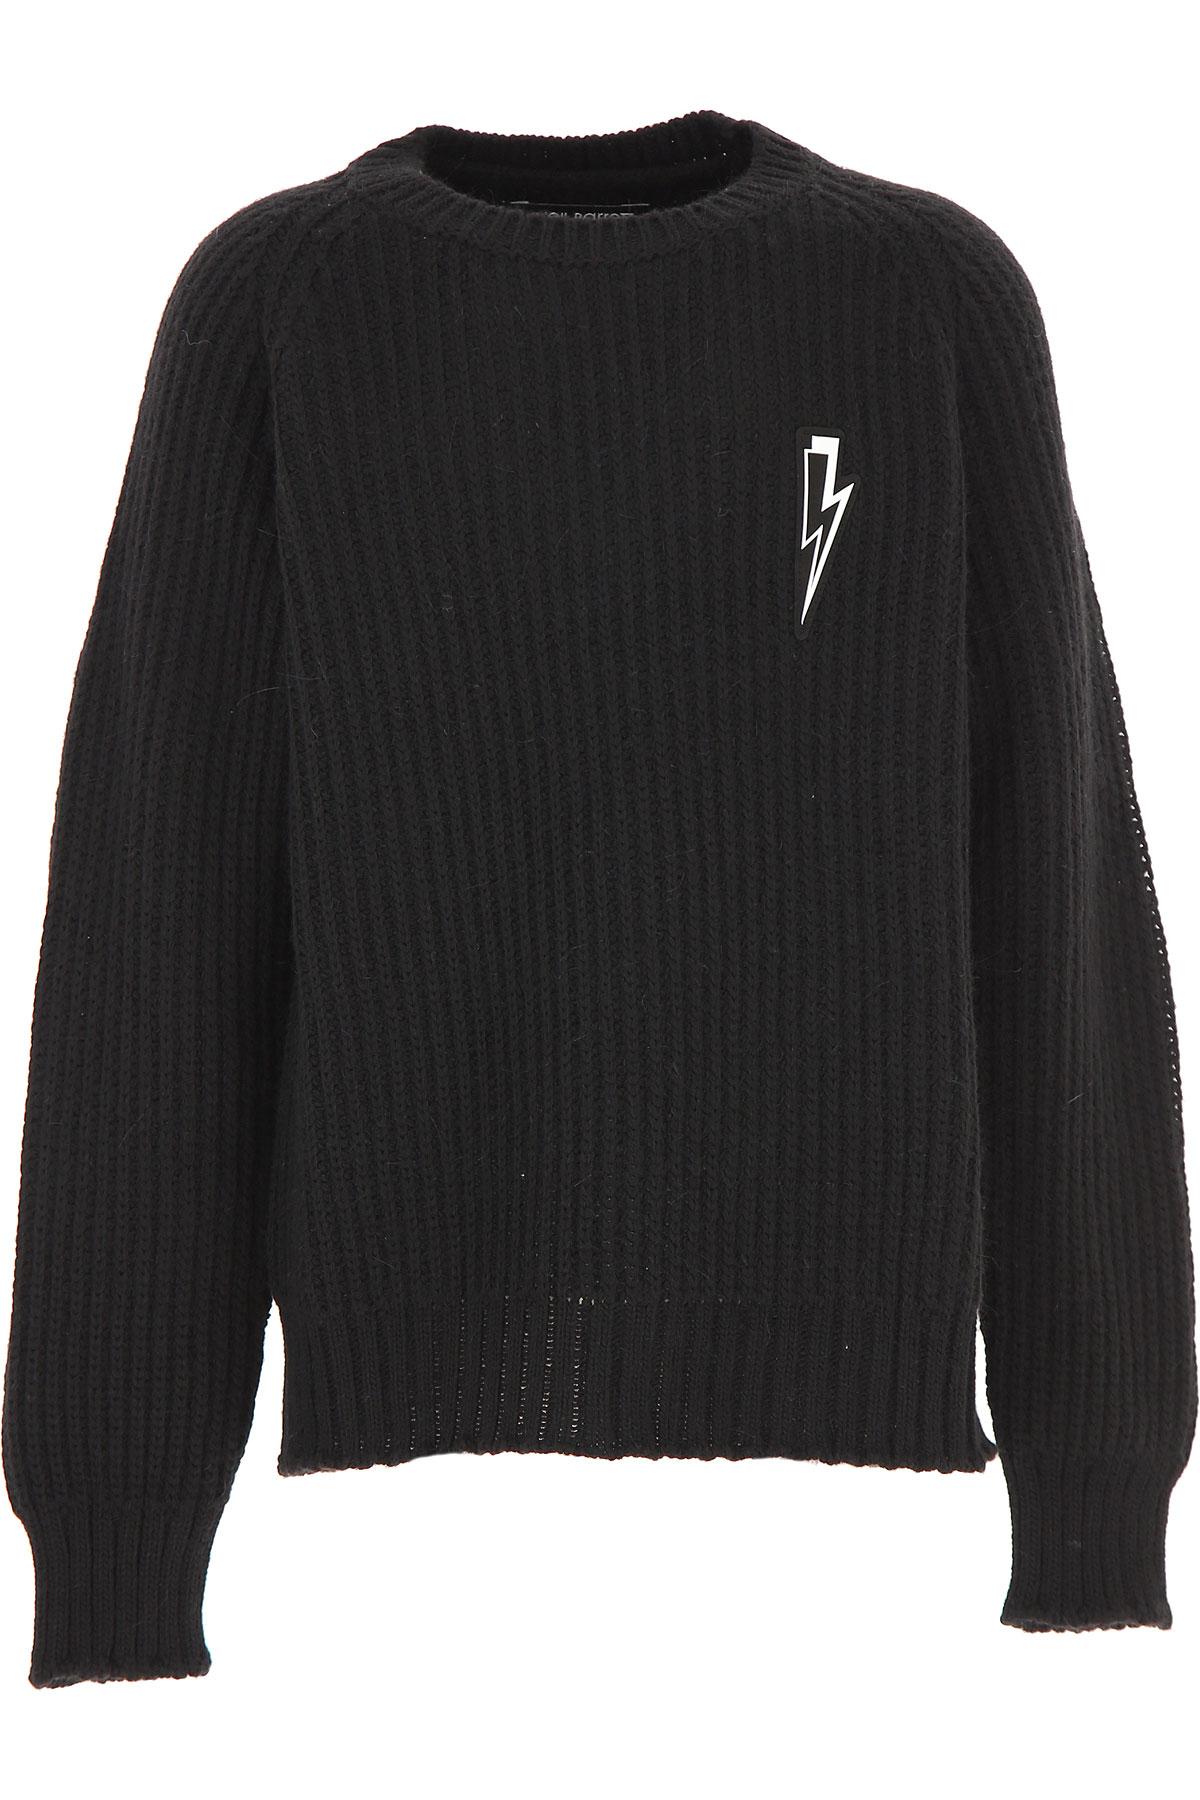 Neil Barrett Kids Sweaters for Boys On Sale, Black, Acrylic, 2019, 10Y 12Y 14Y 8Y